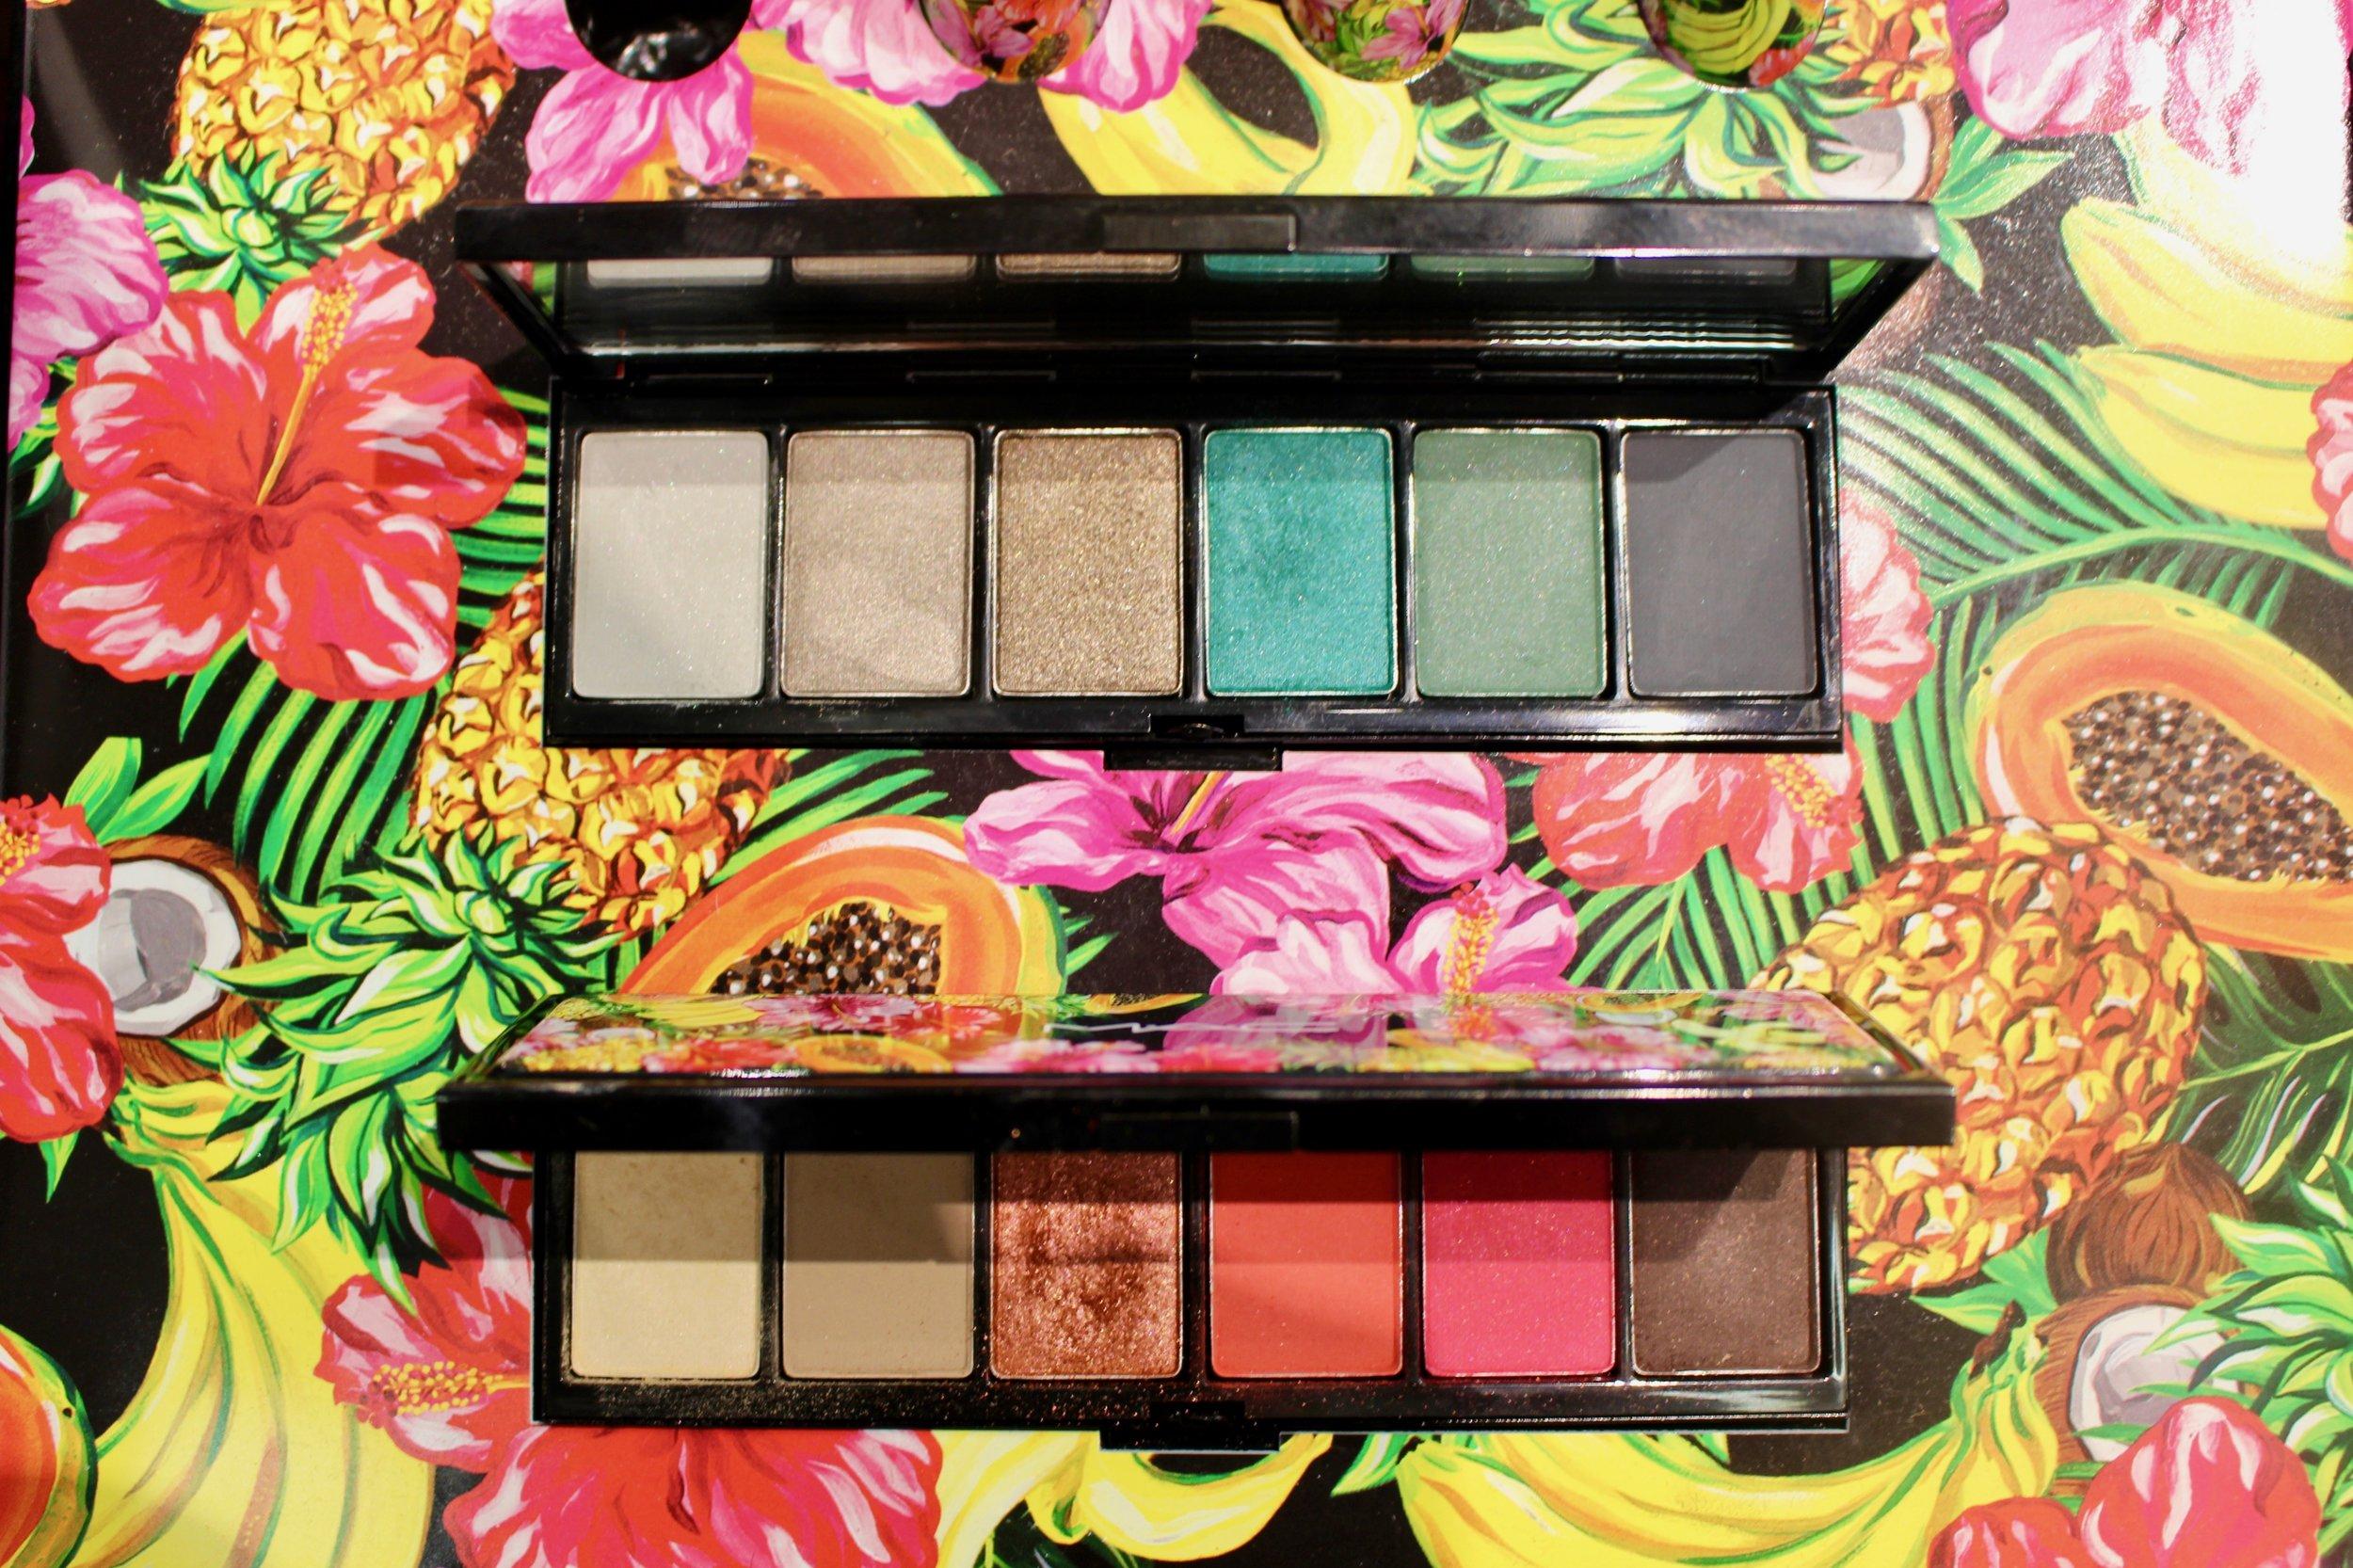 Fruit Juicy Eye Shadow Palettes - ABOVE: Fruit A La la      BELOW: Love in the Glades - $32